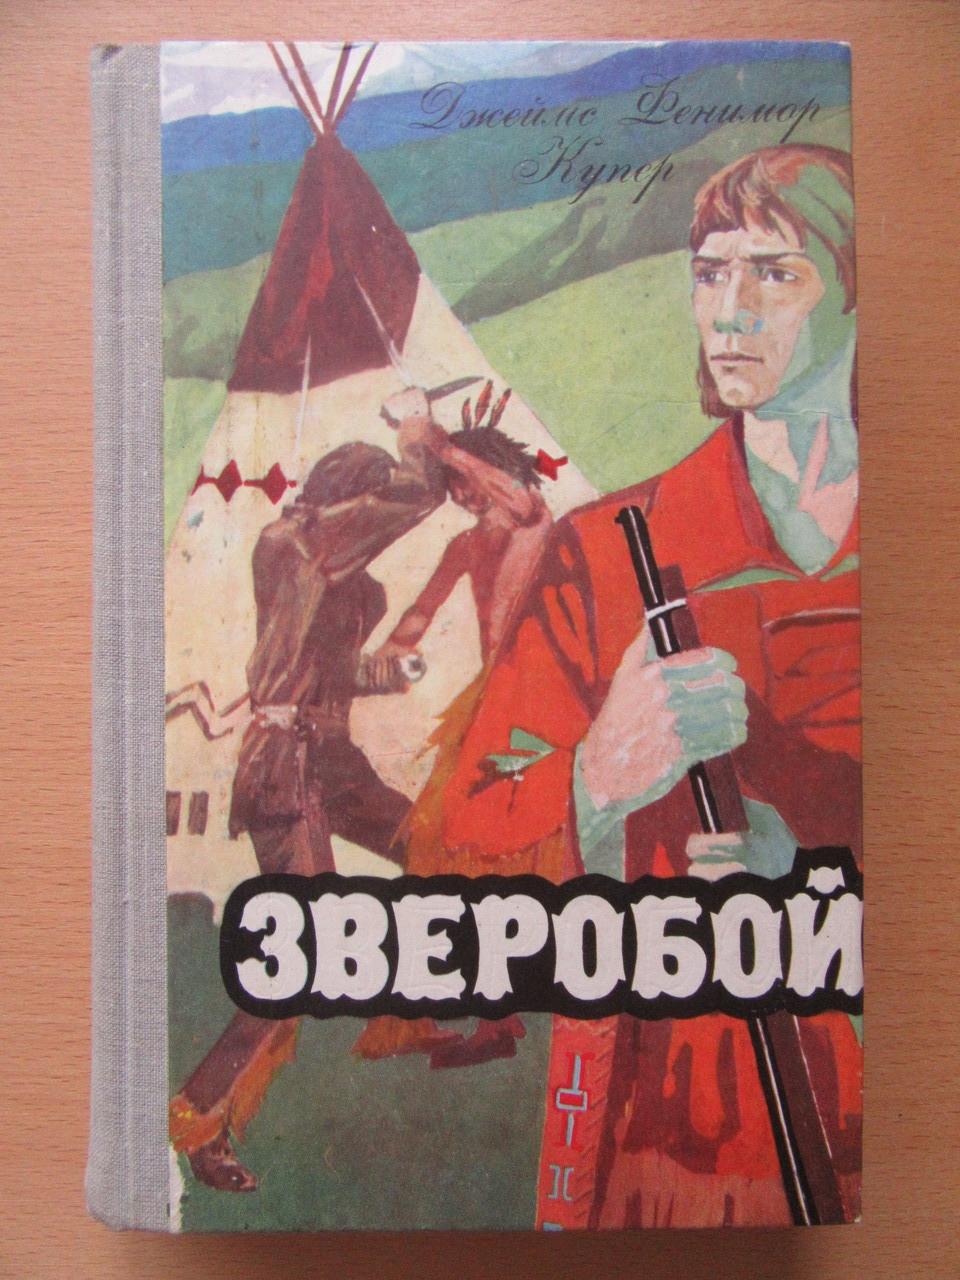 Джеймс Фенимор Купер. Зверобой, или Первая война тропы. 1981г